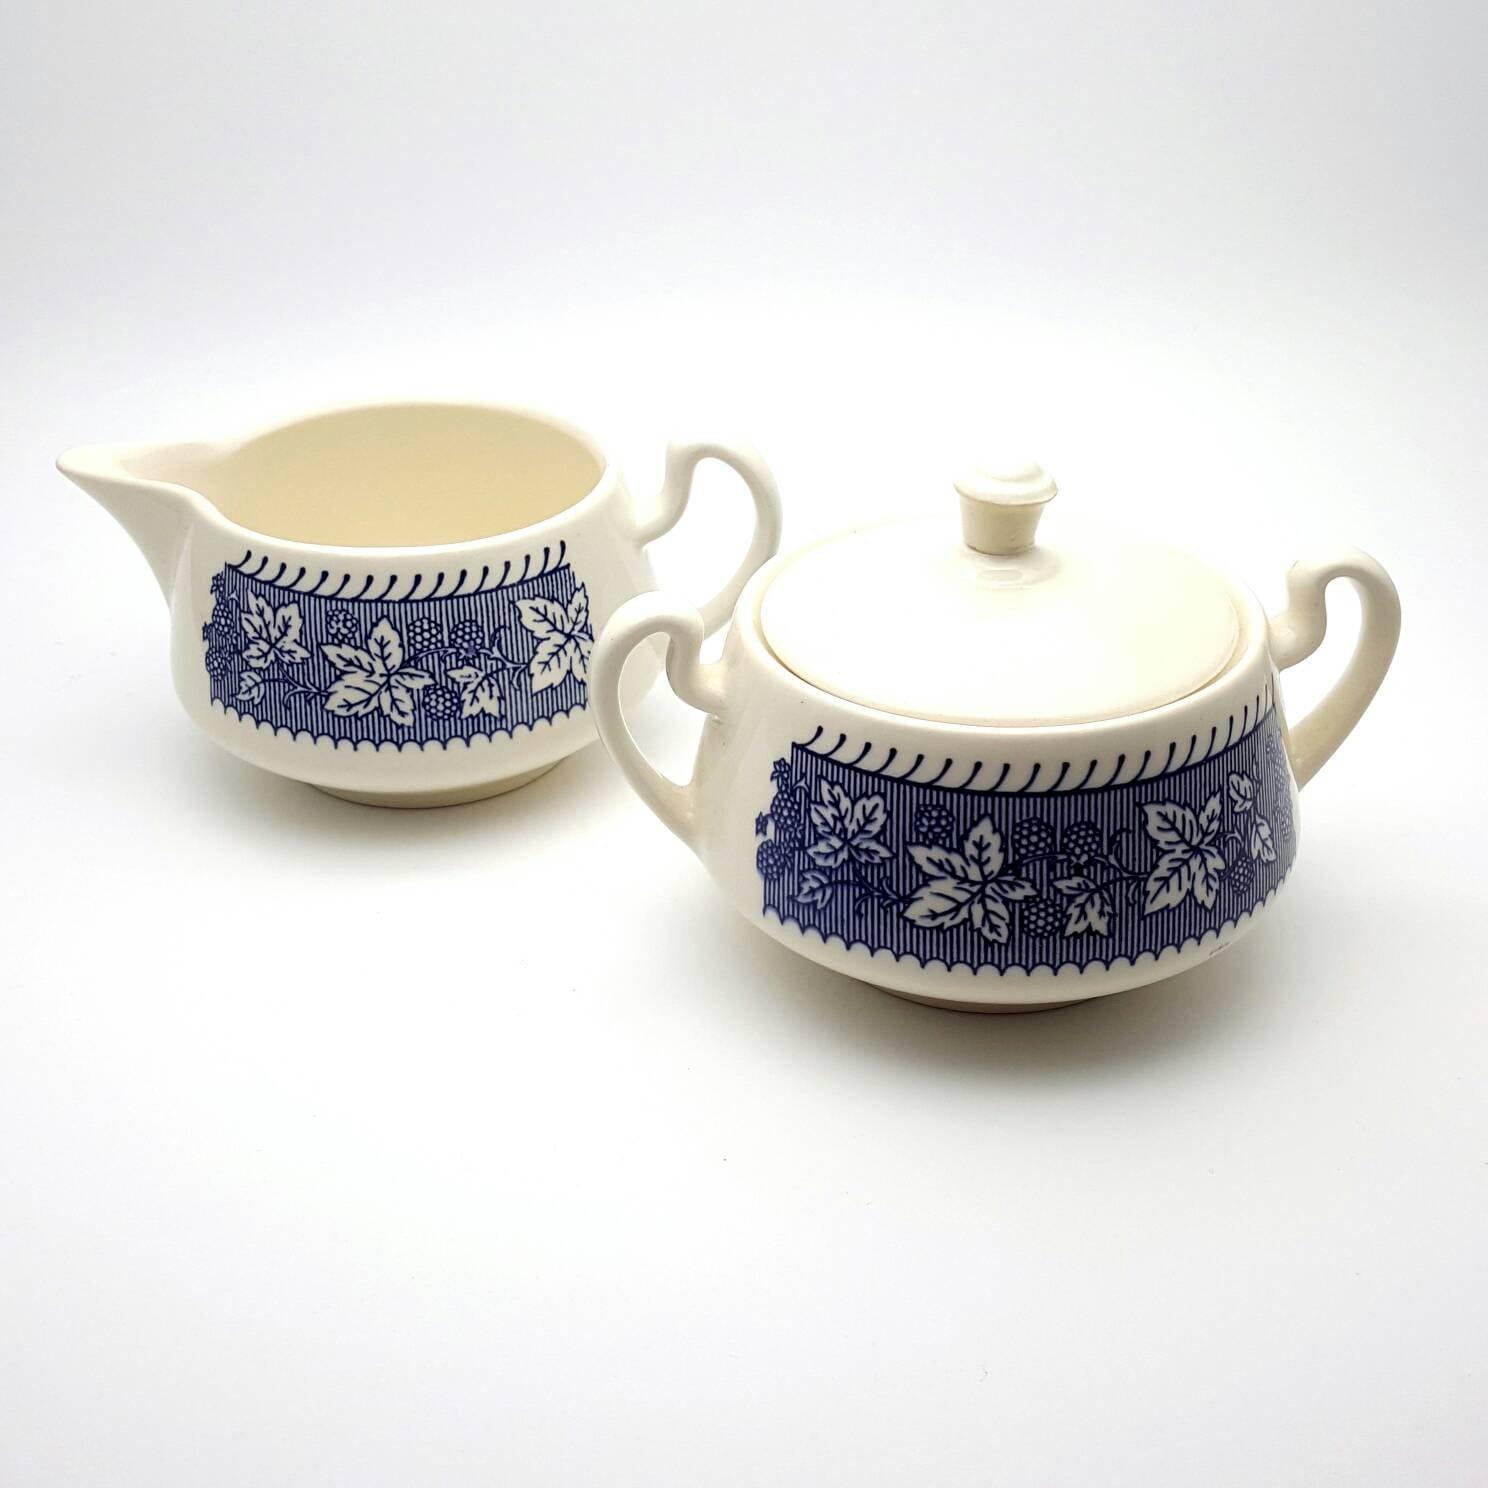 Vintage Kaffeeweißer und Zucker Schale Geschirr hergestellt in